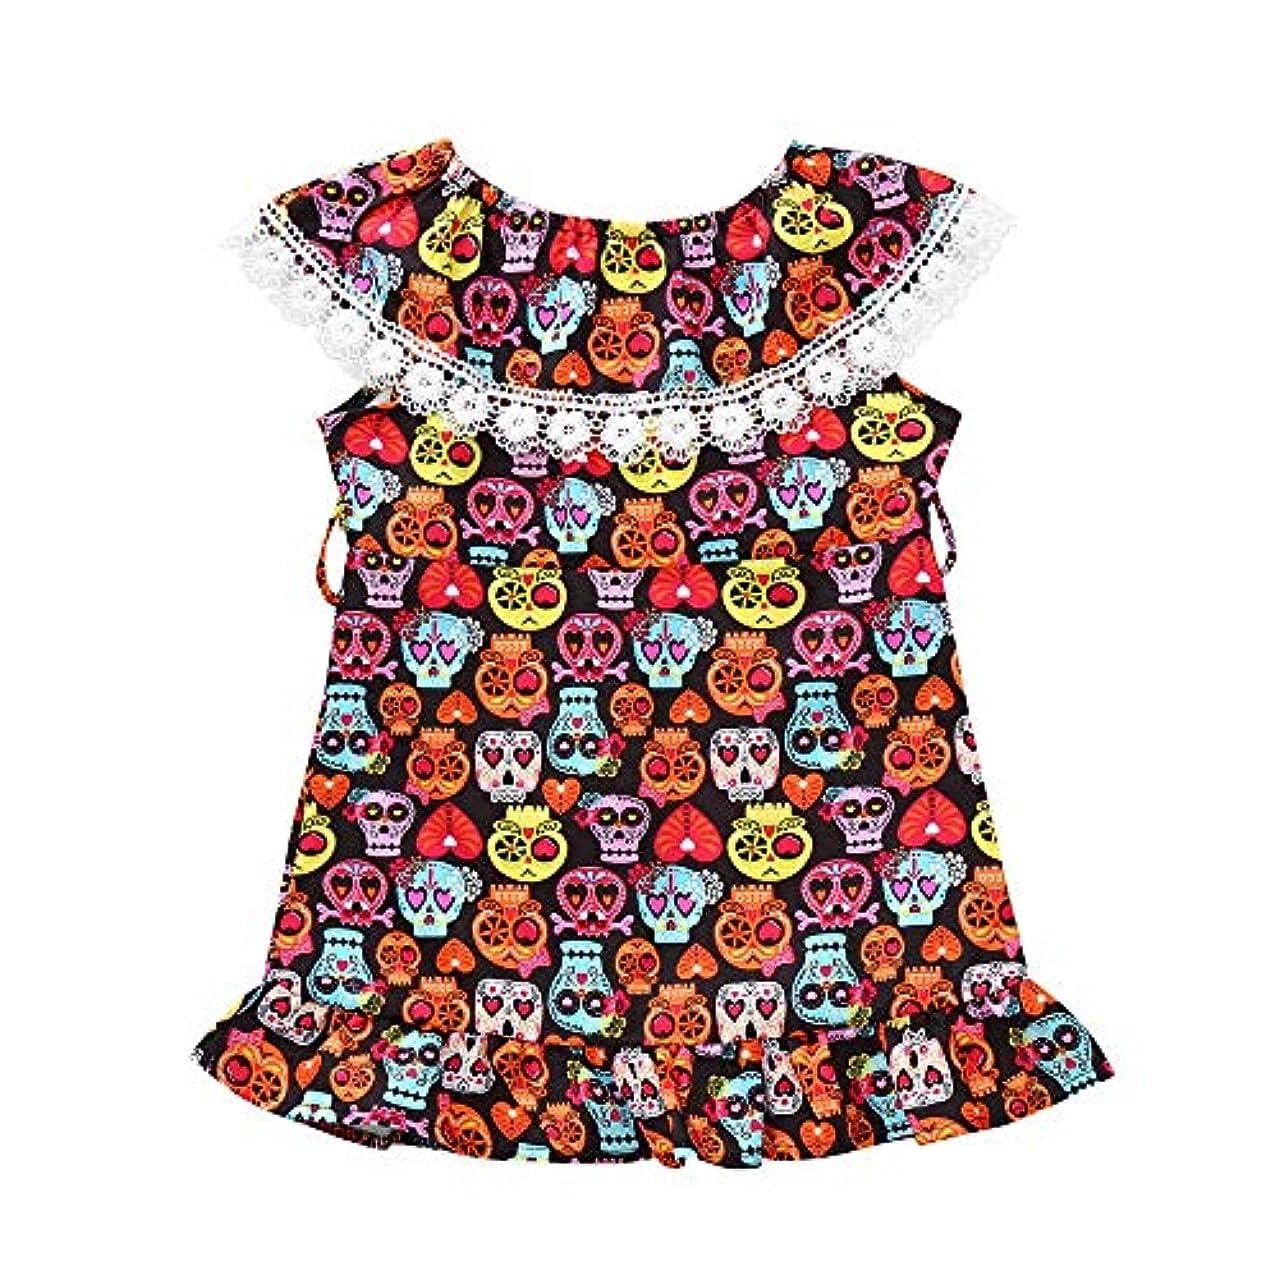 六分儀煙突ターミナルSofitoa 幼児幼児女の赤ちゃん漫画スカルプリントドレスハロウィンコスチューム衣装